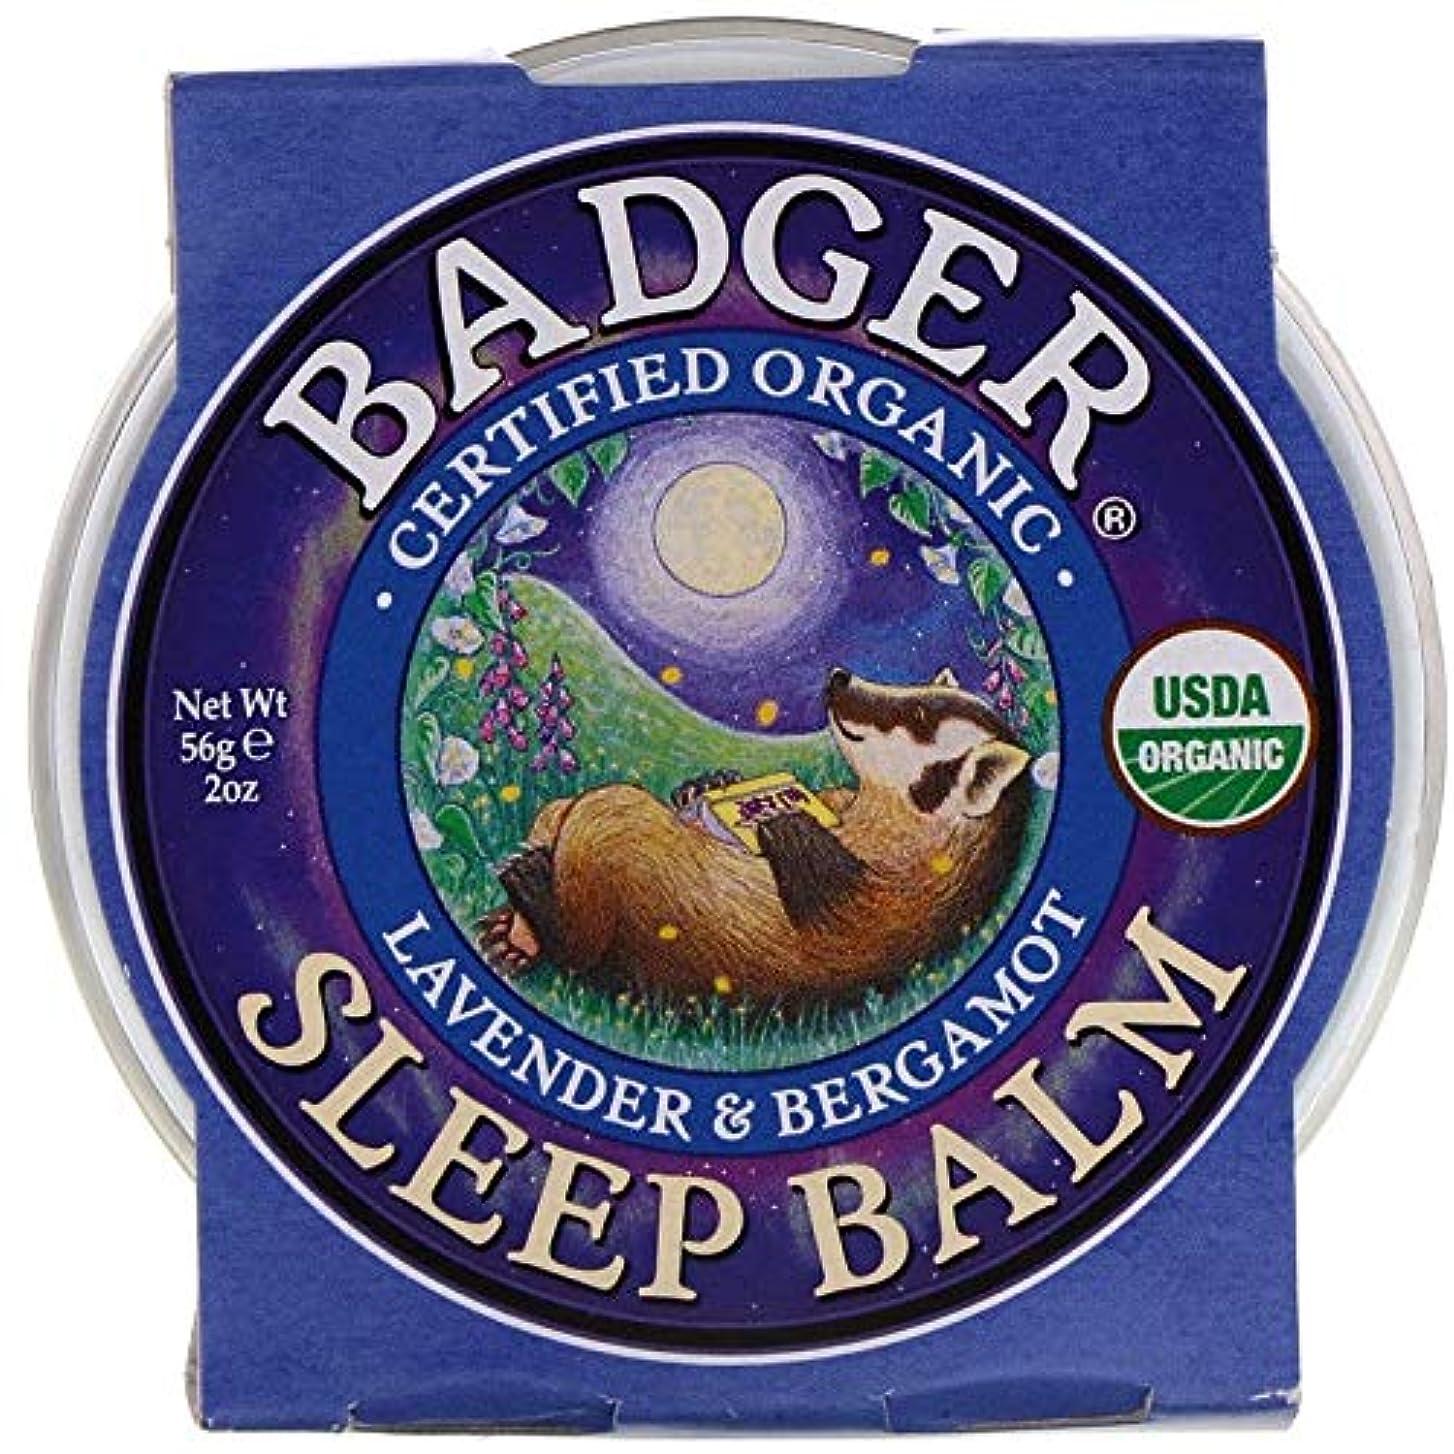 囲まれた怪しい農夫バジャー リラックスバームLavender & Bergamot, 2 oz (56 g) - 2Packs